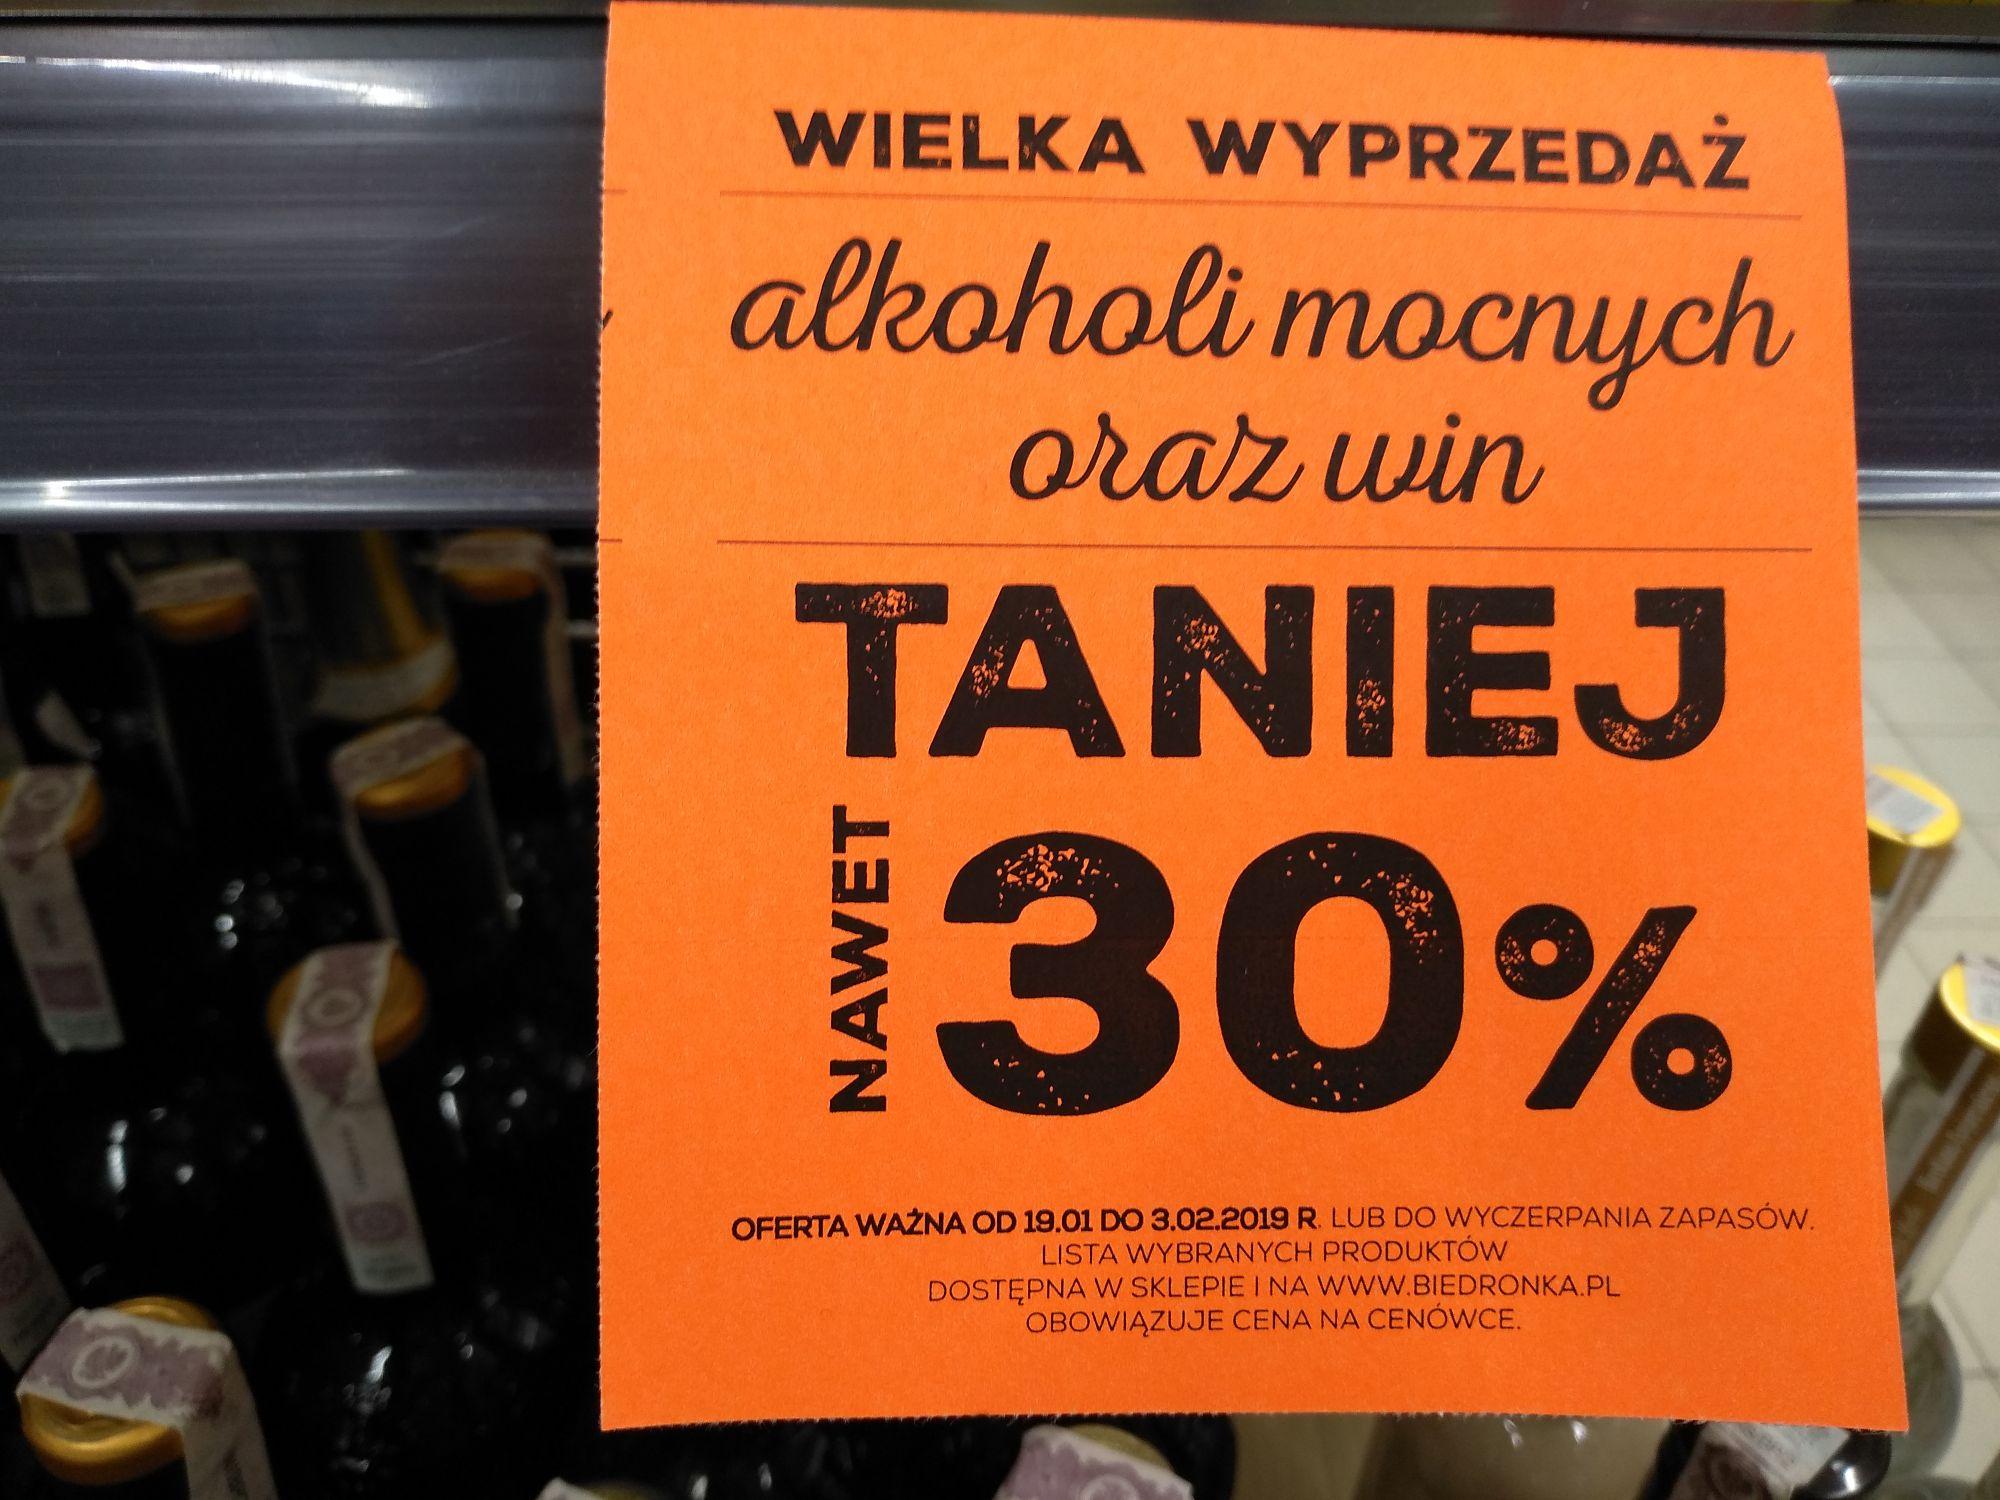 Wielka wyprzedaż alkoholi mocnych oraz win Biedronka